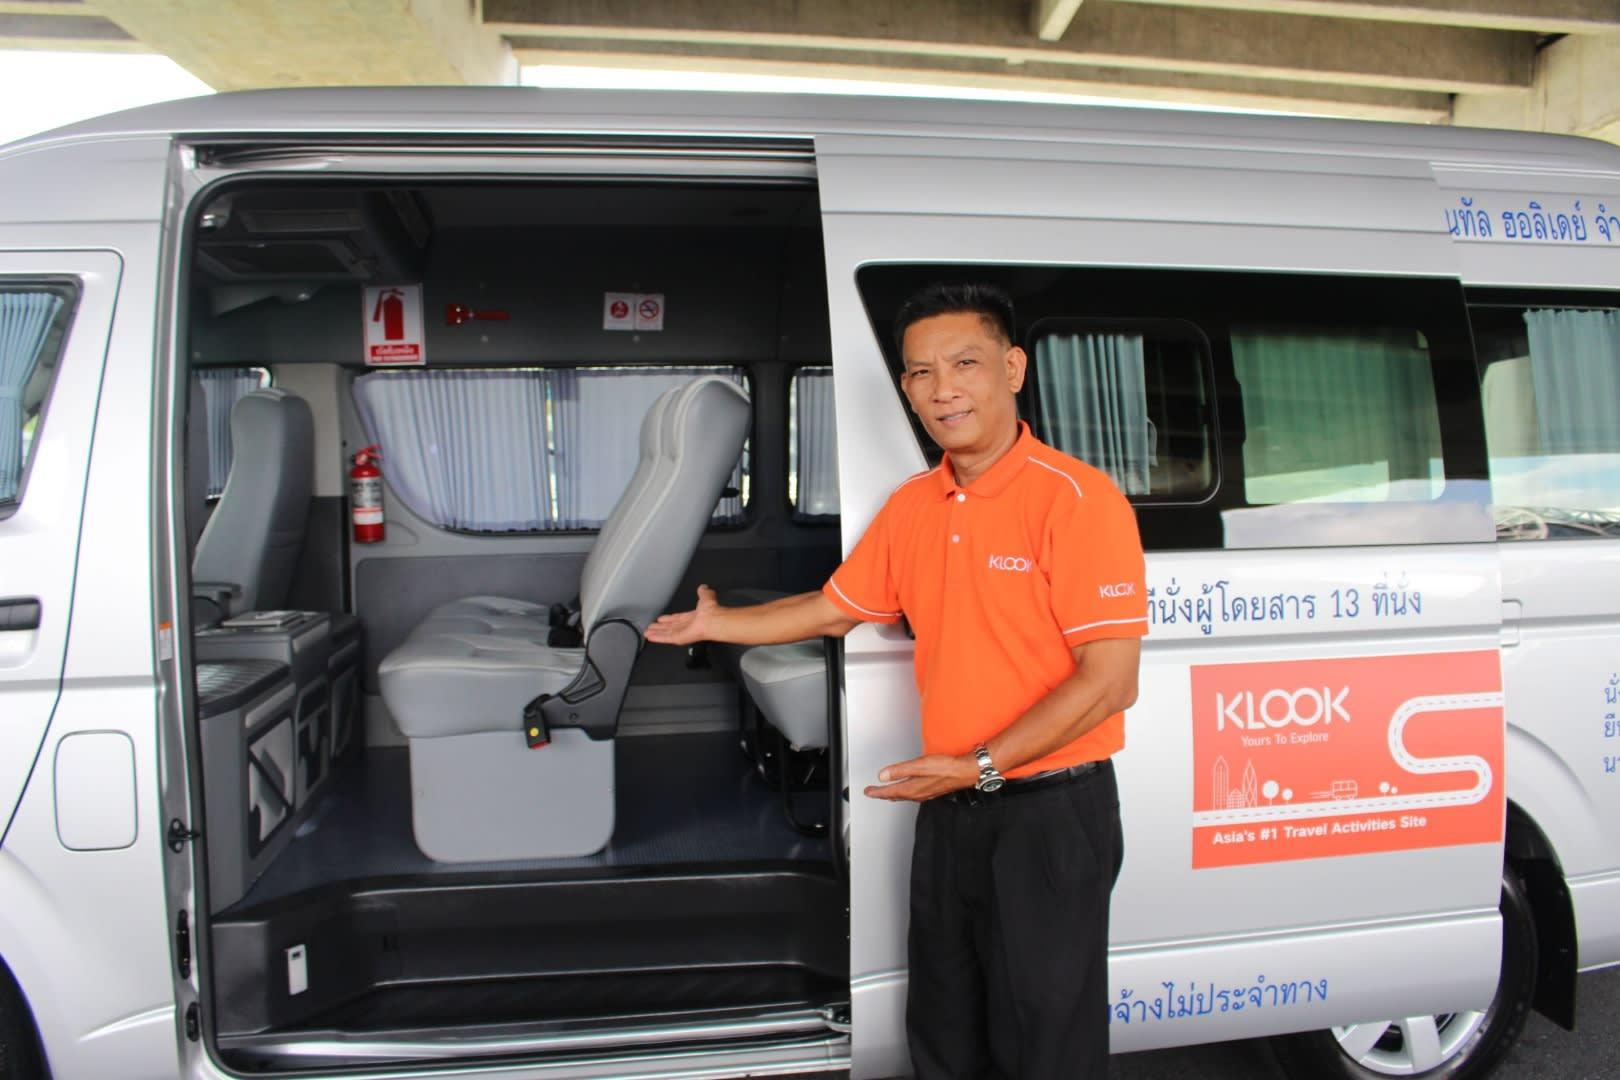 dịch vụ klook nhận tại sân bay Thái Lan: dịch vụ đưa đón sân bay